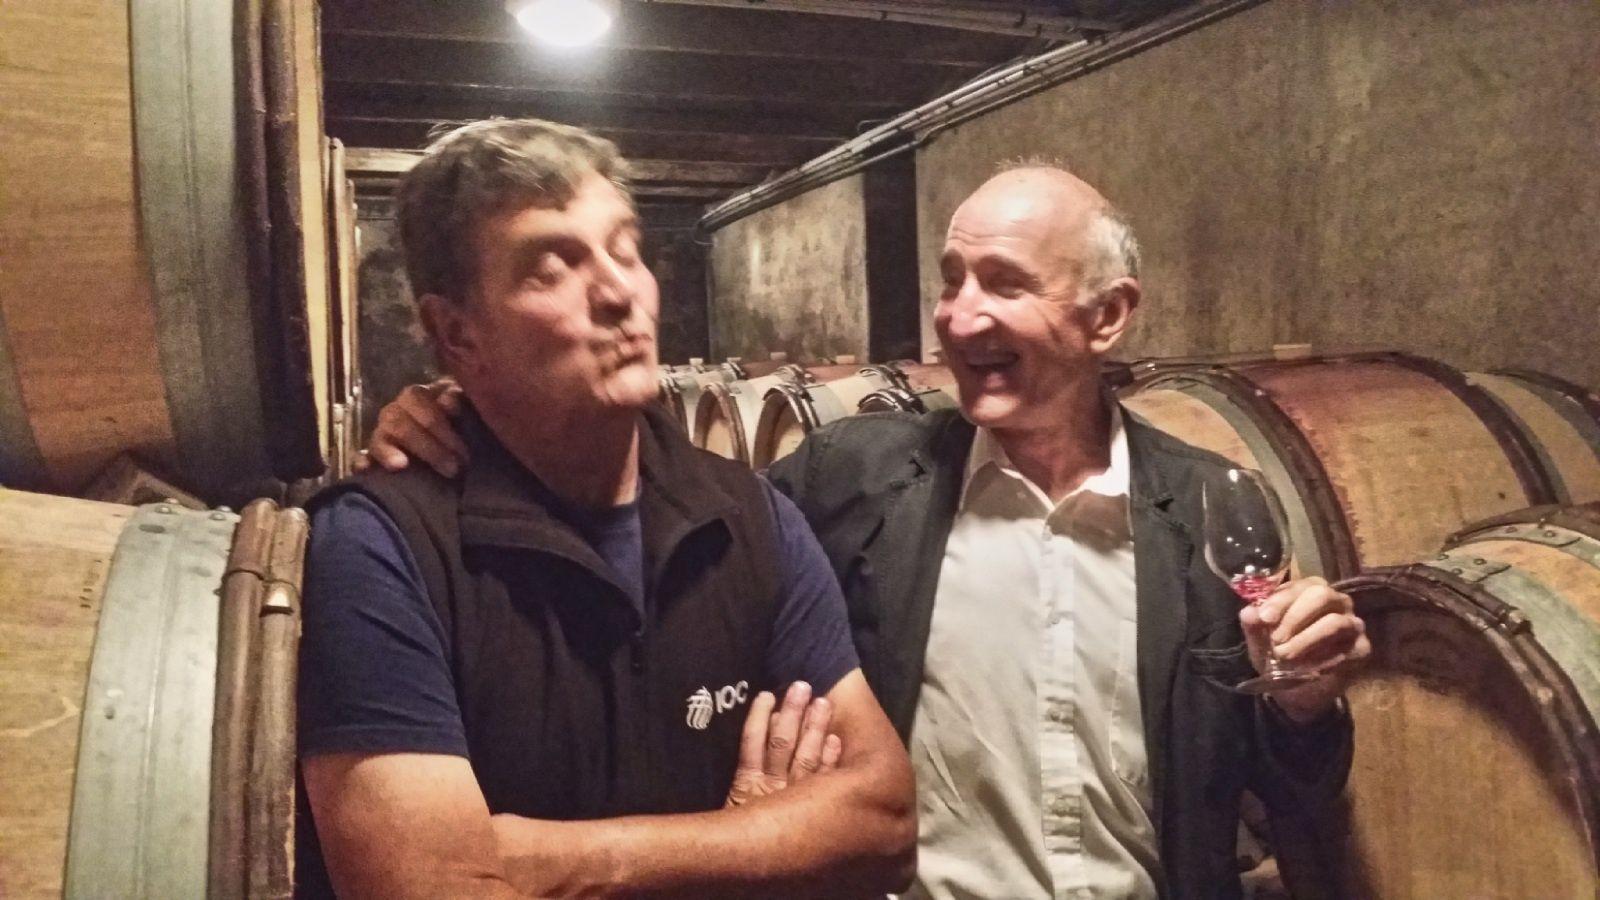 Emmanuel Rouget et Jacky Rigaux, très complices, une amitié qui les lie depuis bien longtemps...